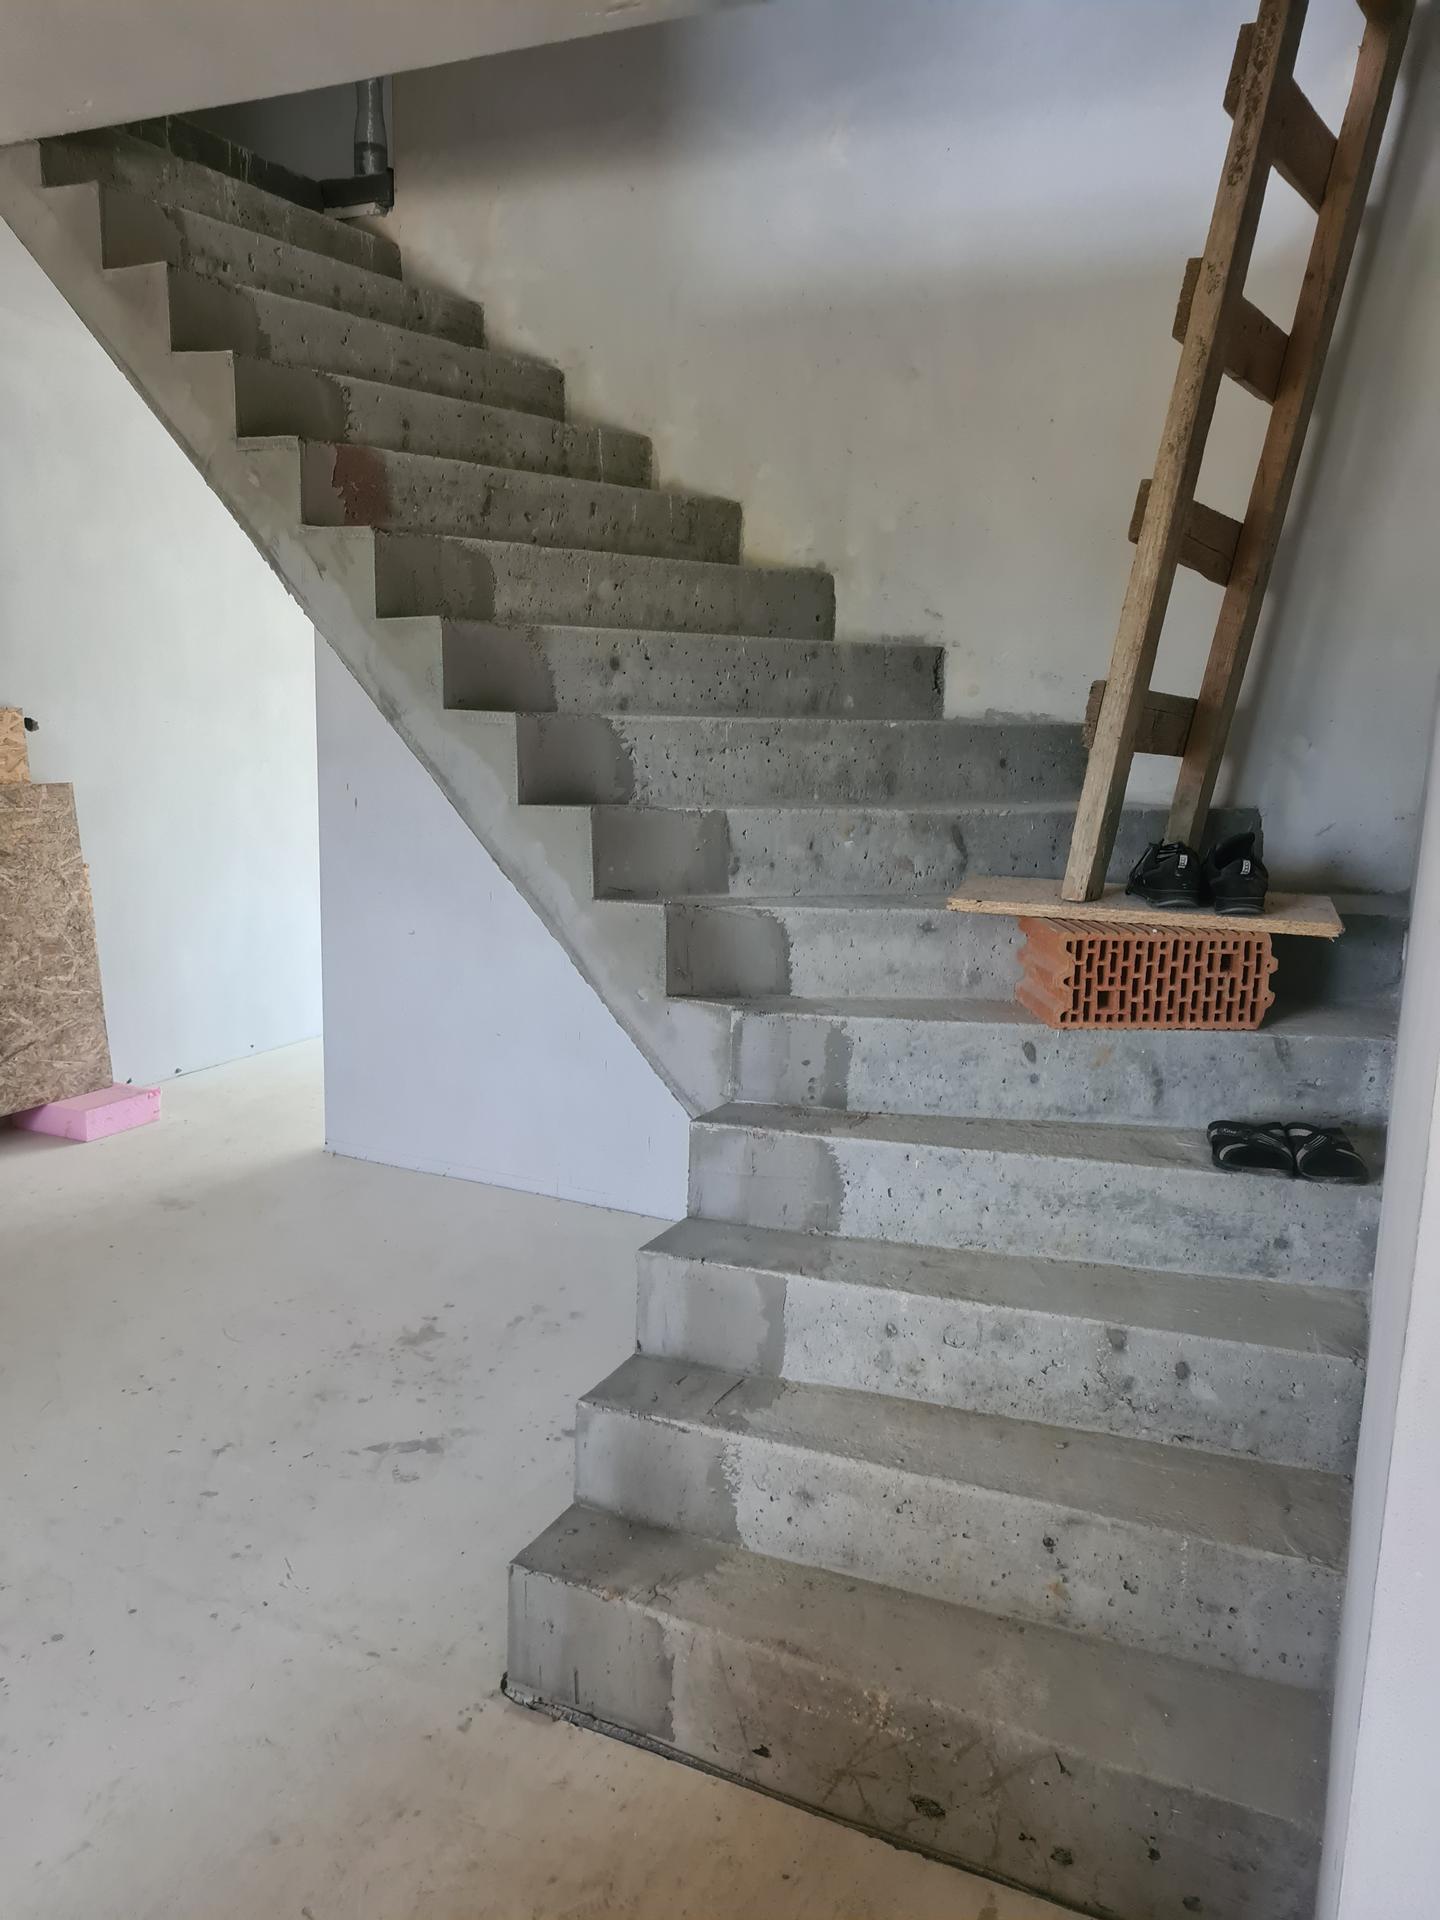 Myslíte že sa dá svojpomocne pekne zvládnuť urobiť tieto naše schody ako na foto ? Myslíte že ich stačí akoby ostierkovať, napenetrovať a natrieť nejakým bielym epoxidovým náterom s protišmykovou zložkou ? Nevedia mi nikde poradiť žiadny majstri ... - Obrázok č. 2